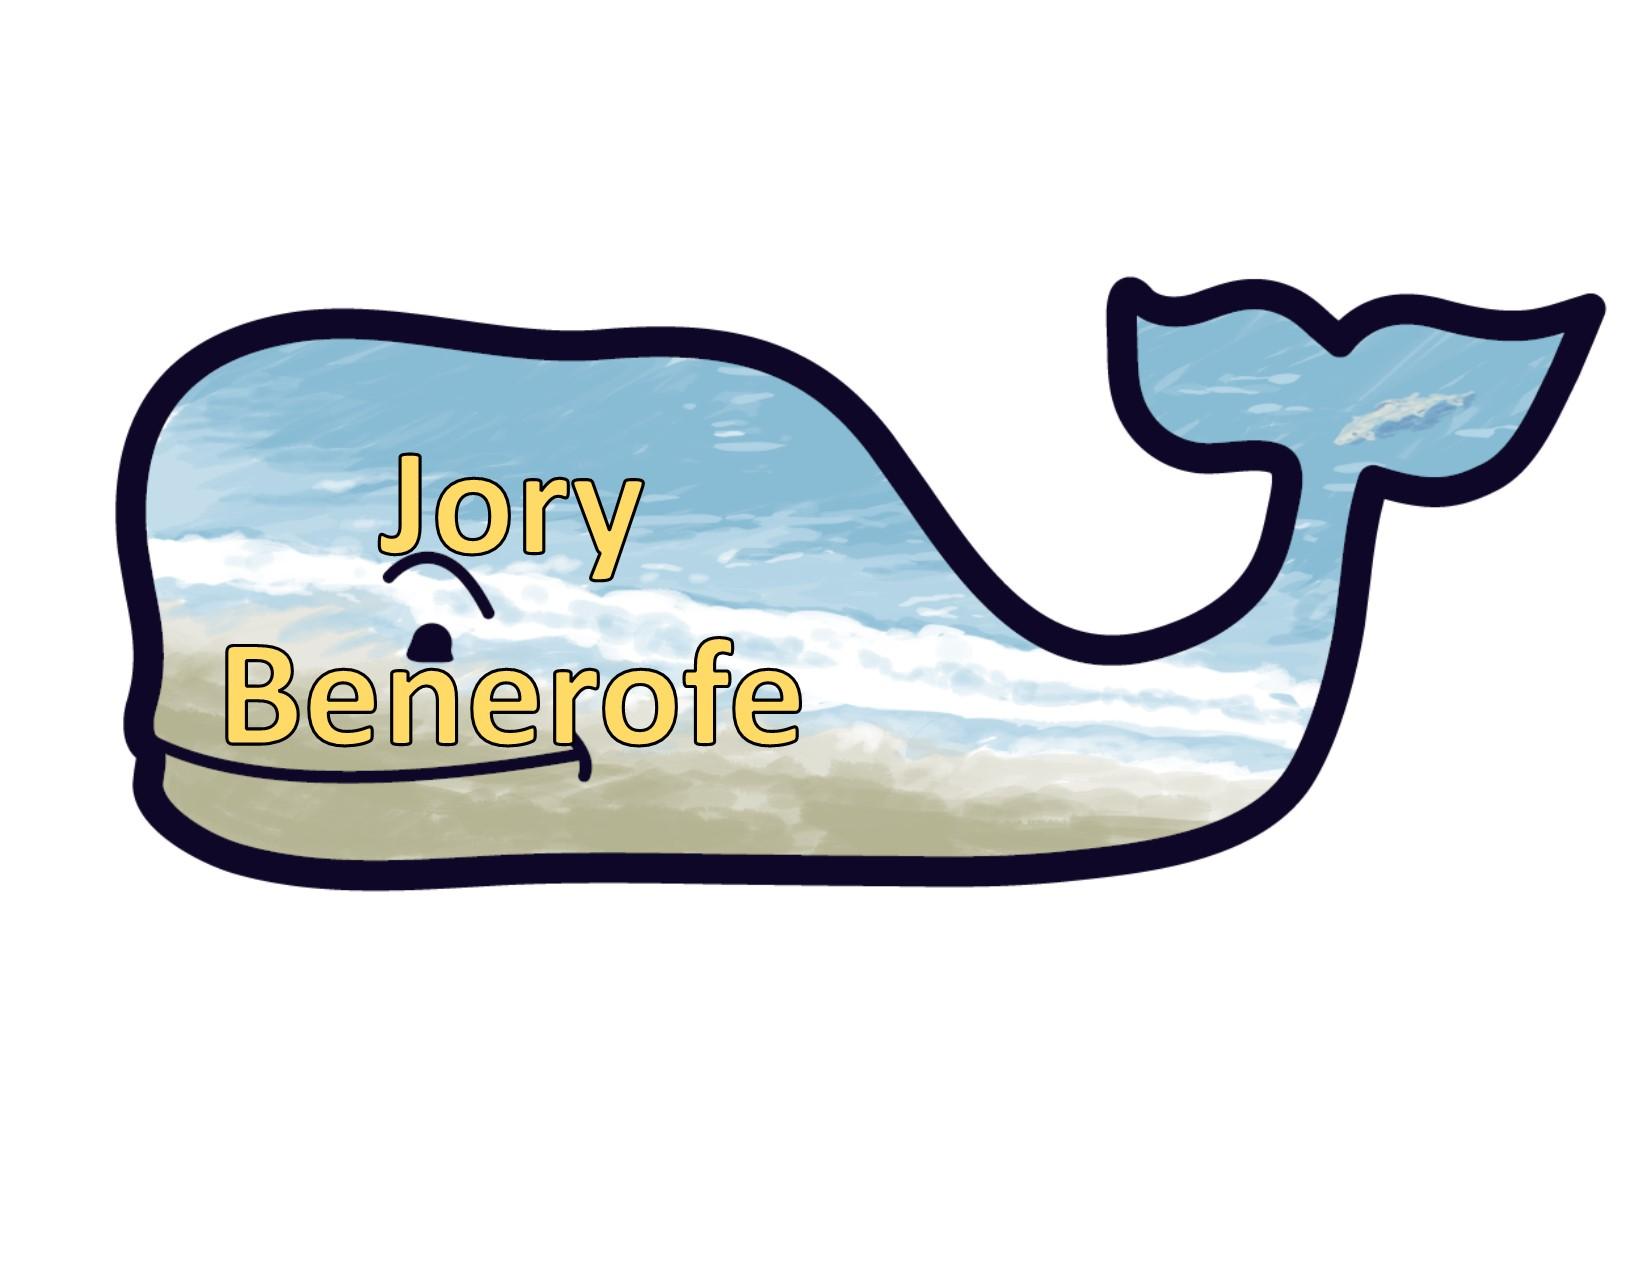 Benerofe, Jory.jpg